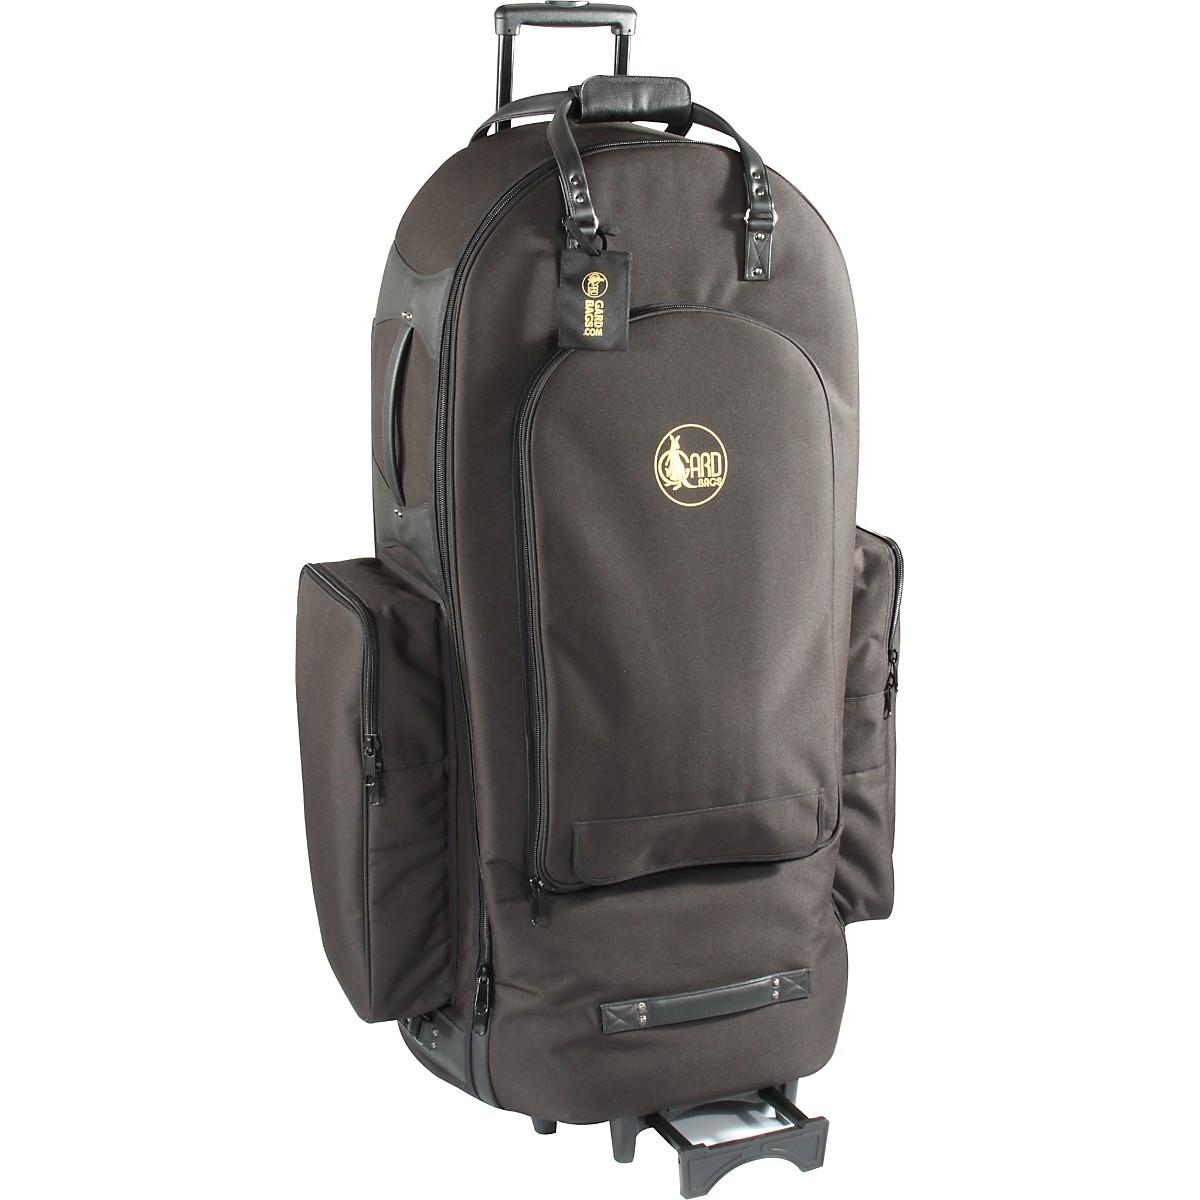 Gard 3/4 Tuba Wheelie Bag